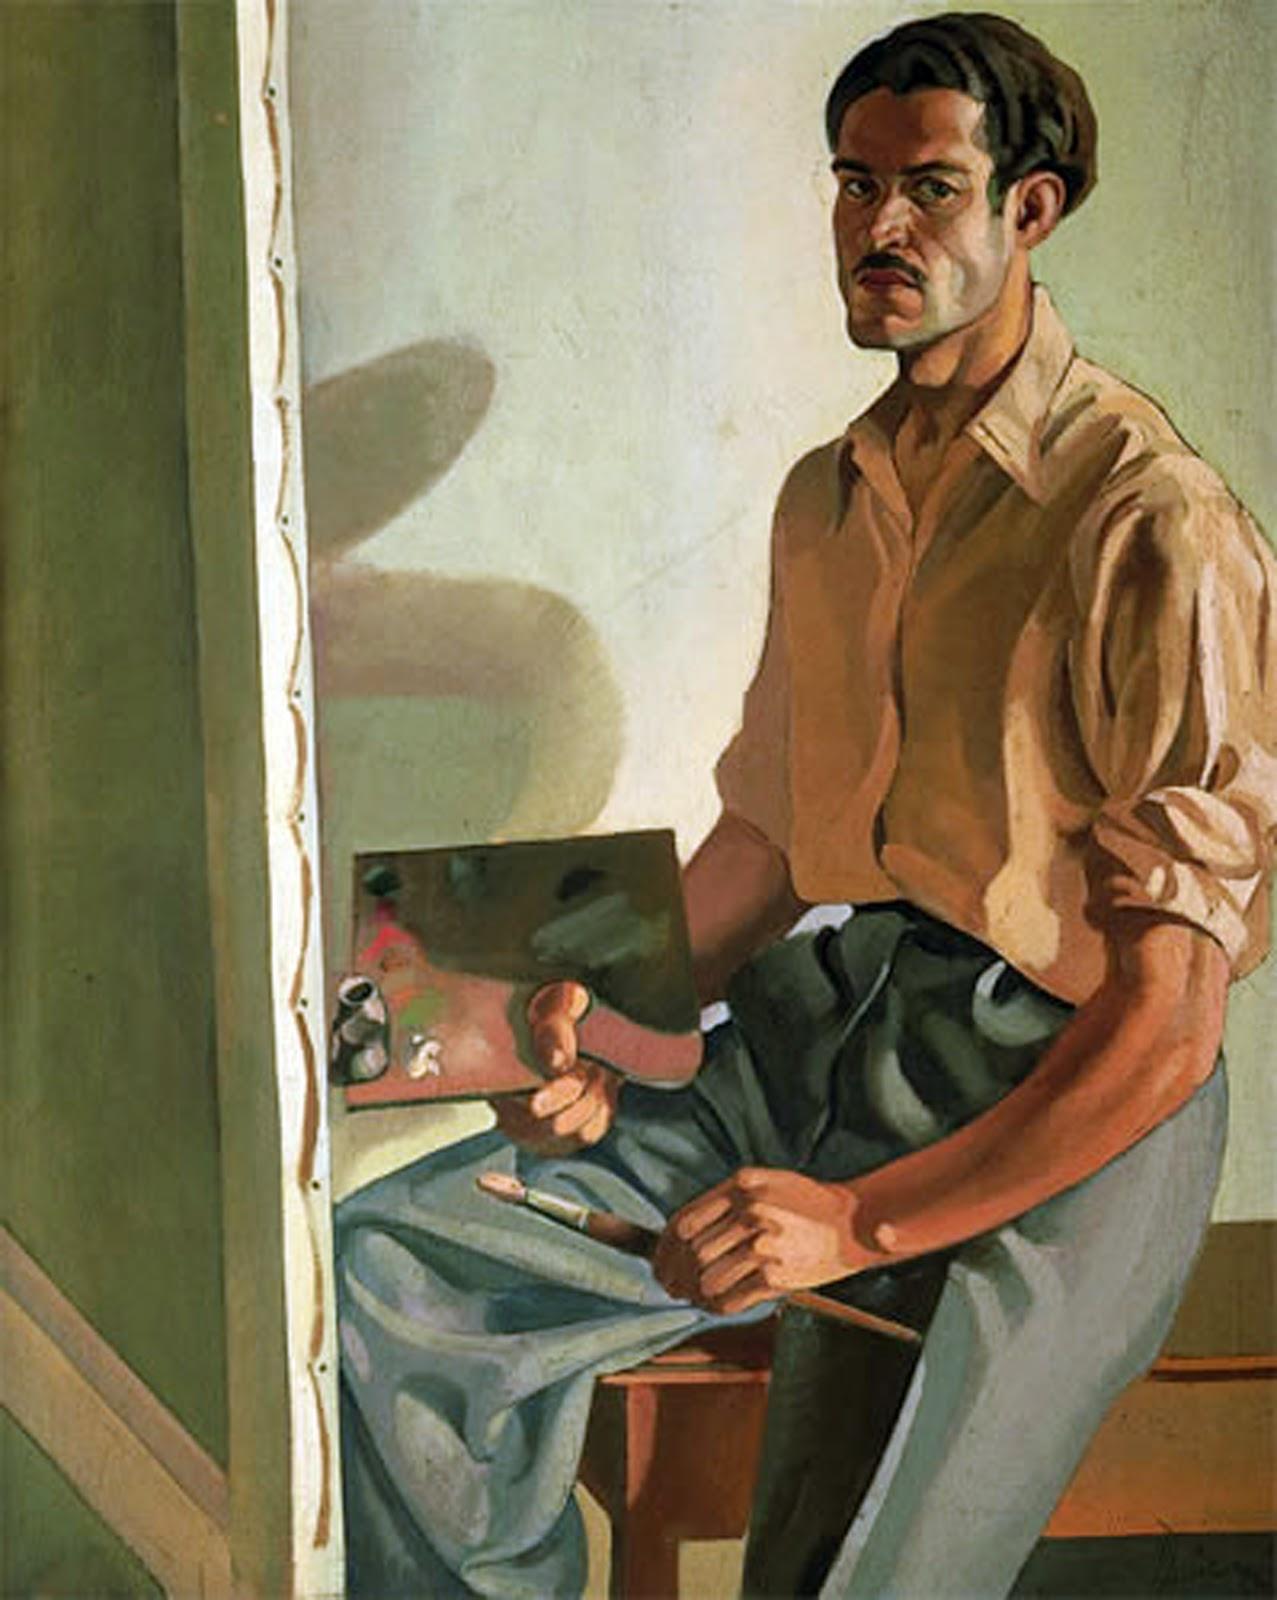 Miguel Pérez Aguilera, Galería de autorretratos, Pintor español, Pintura española, Pintores Realistas Españoles, Galería de retratos Figurativos, Pintor Miguel Pérez Aguilera, Autorretratos